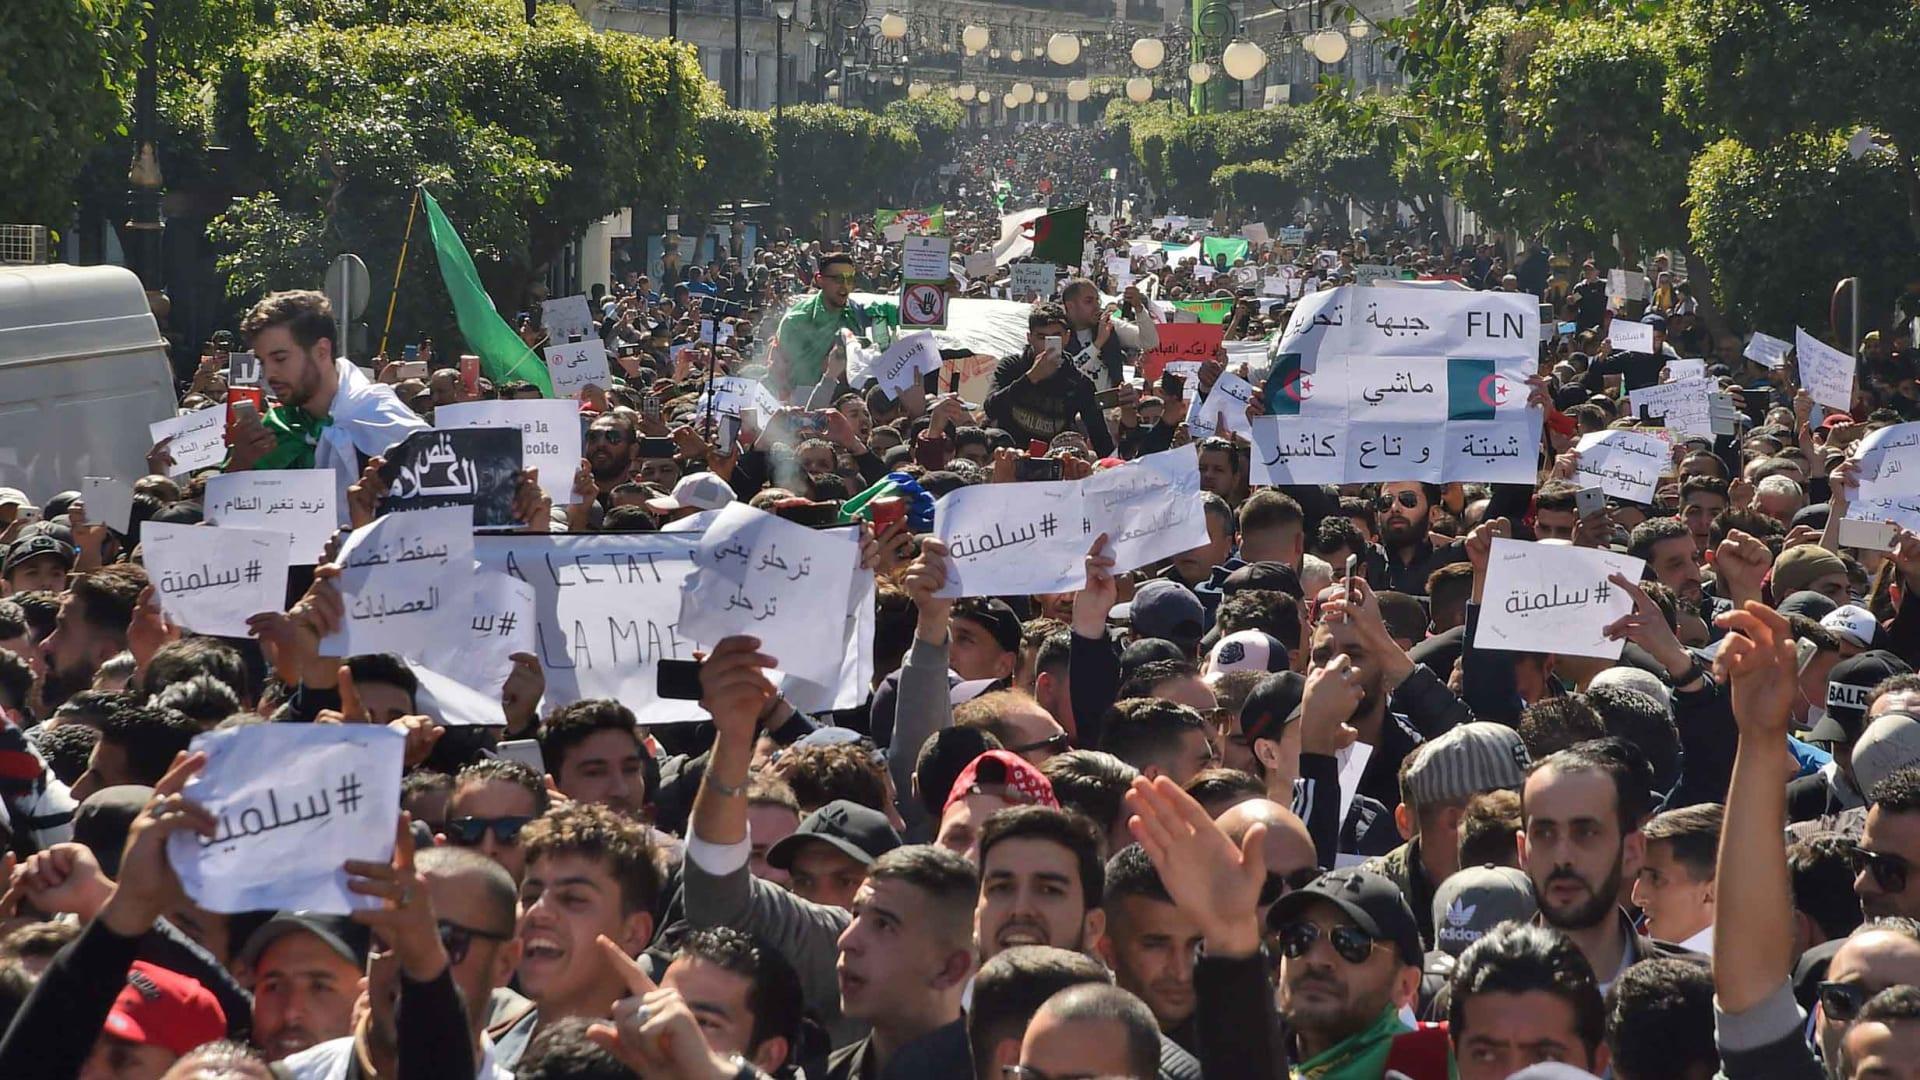 مظاهرات حاشدة في الجزائر ومواجهات قرب القصر الرئاسي